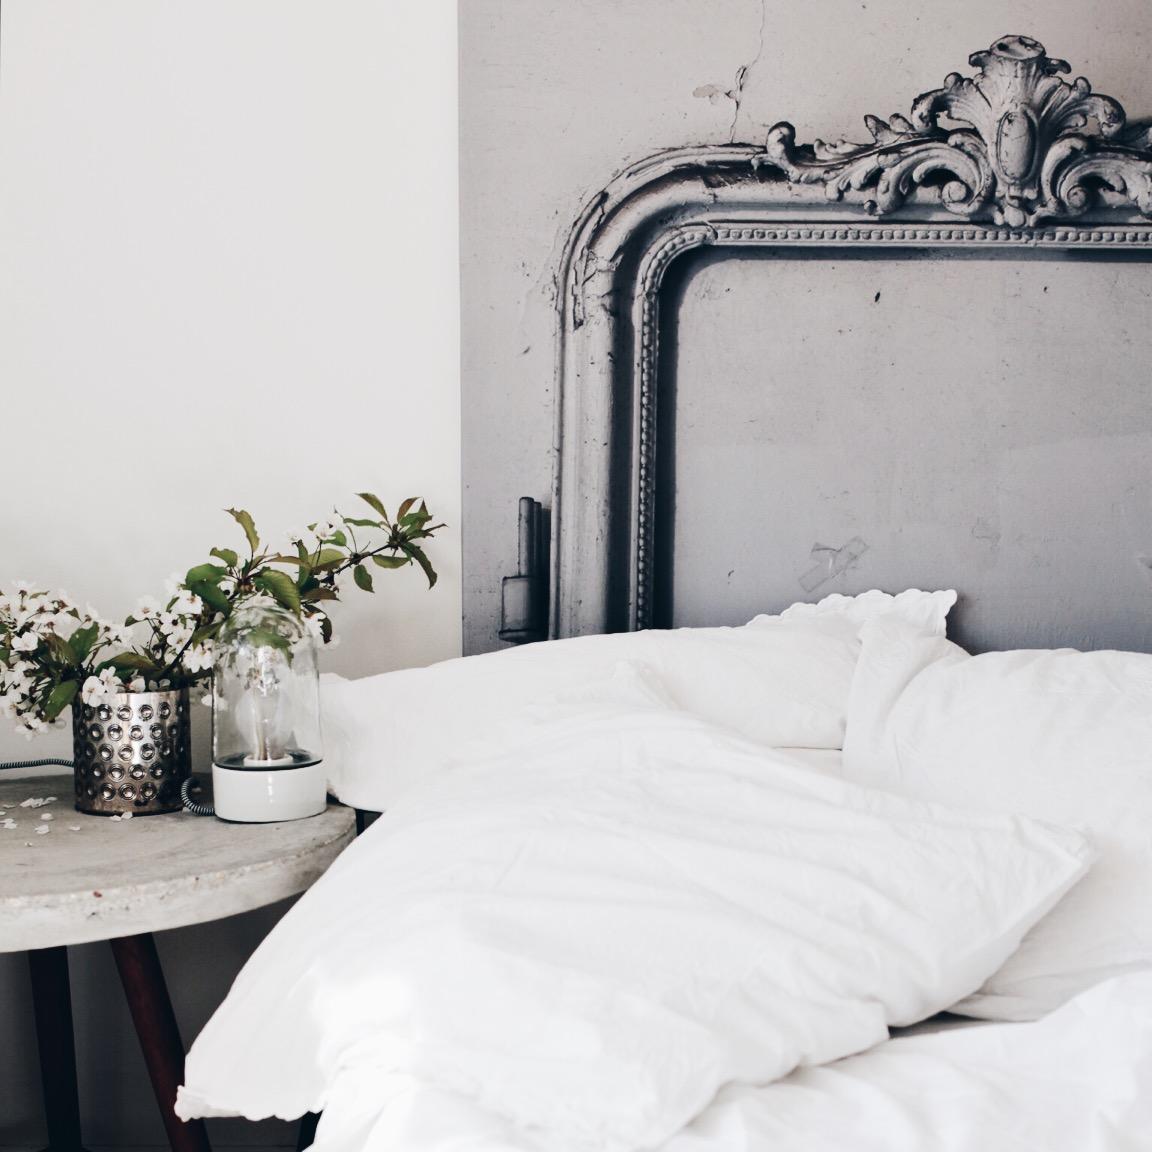 giveaway – 'wohnideen aus dem wahren leben' – best of interior blogs, Wohnideen design